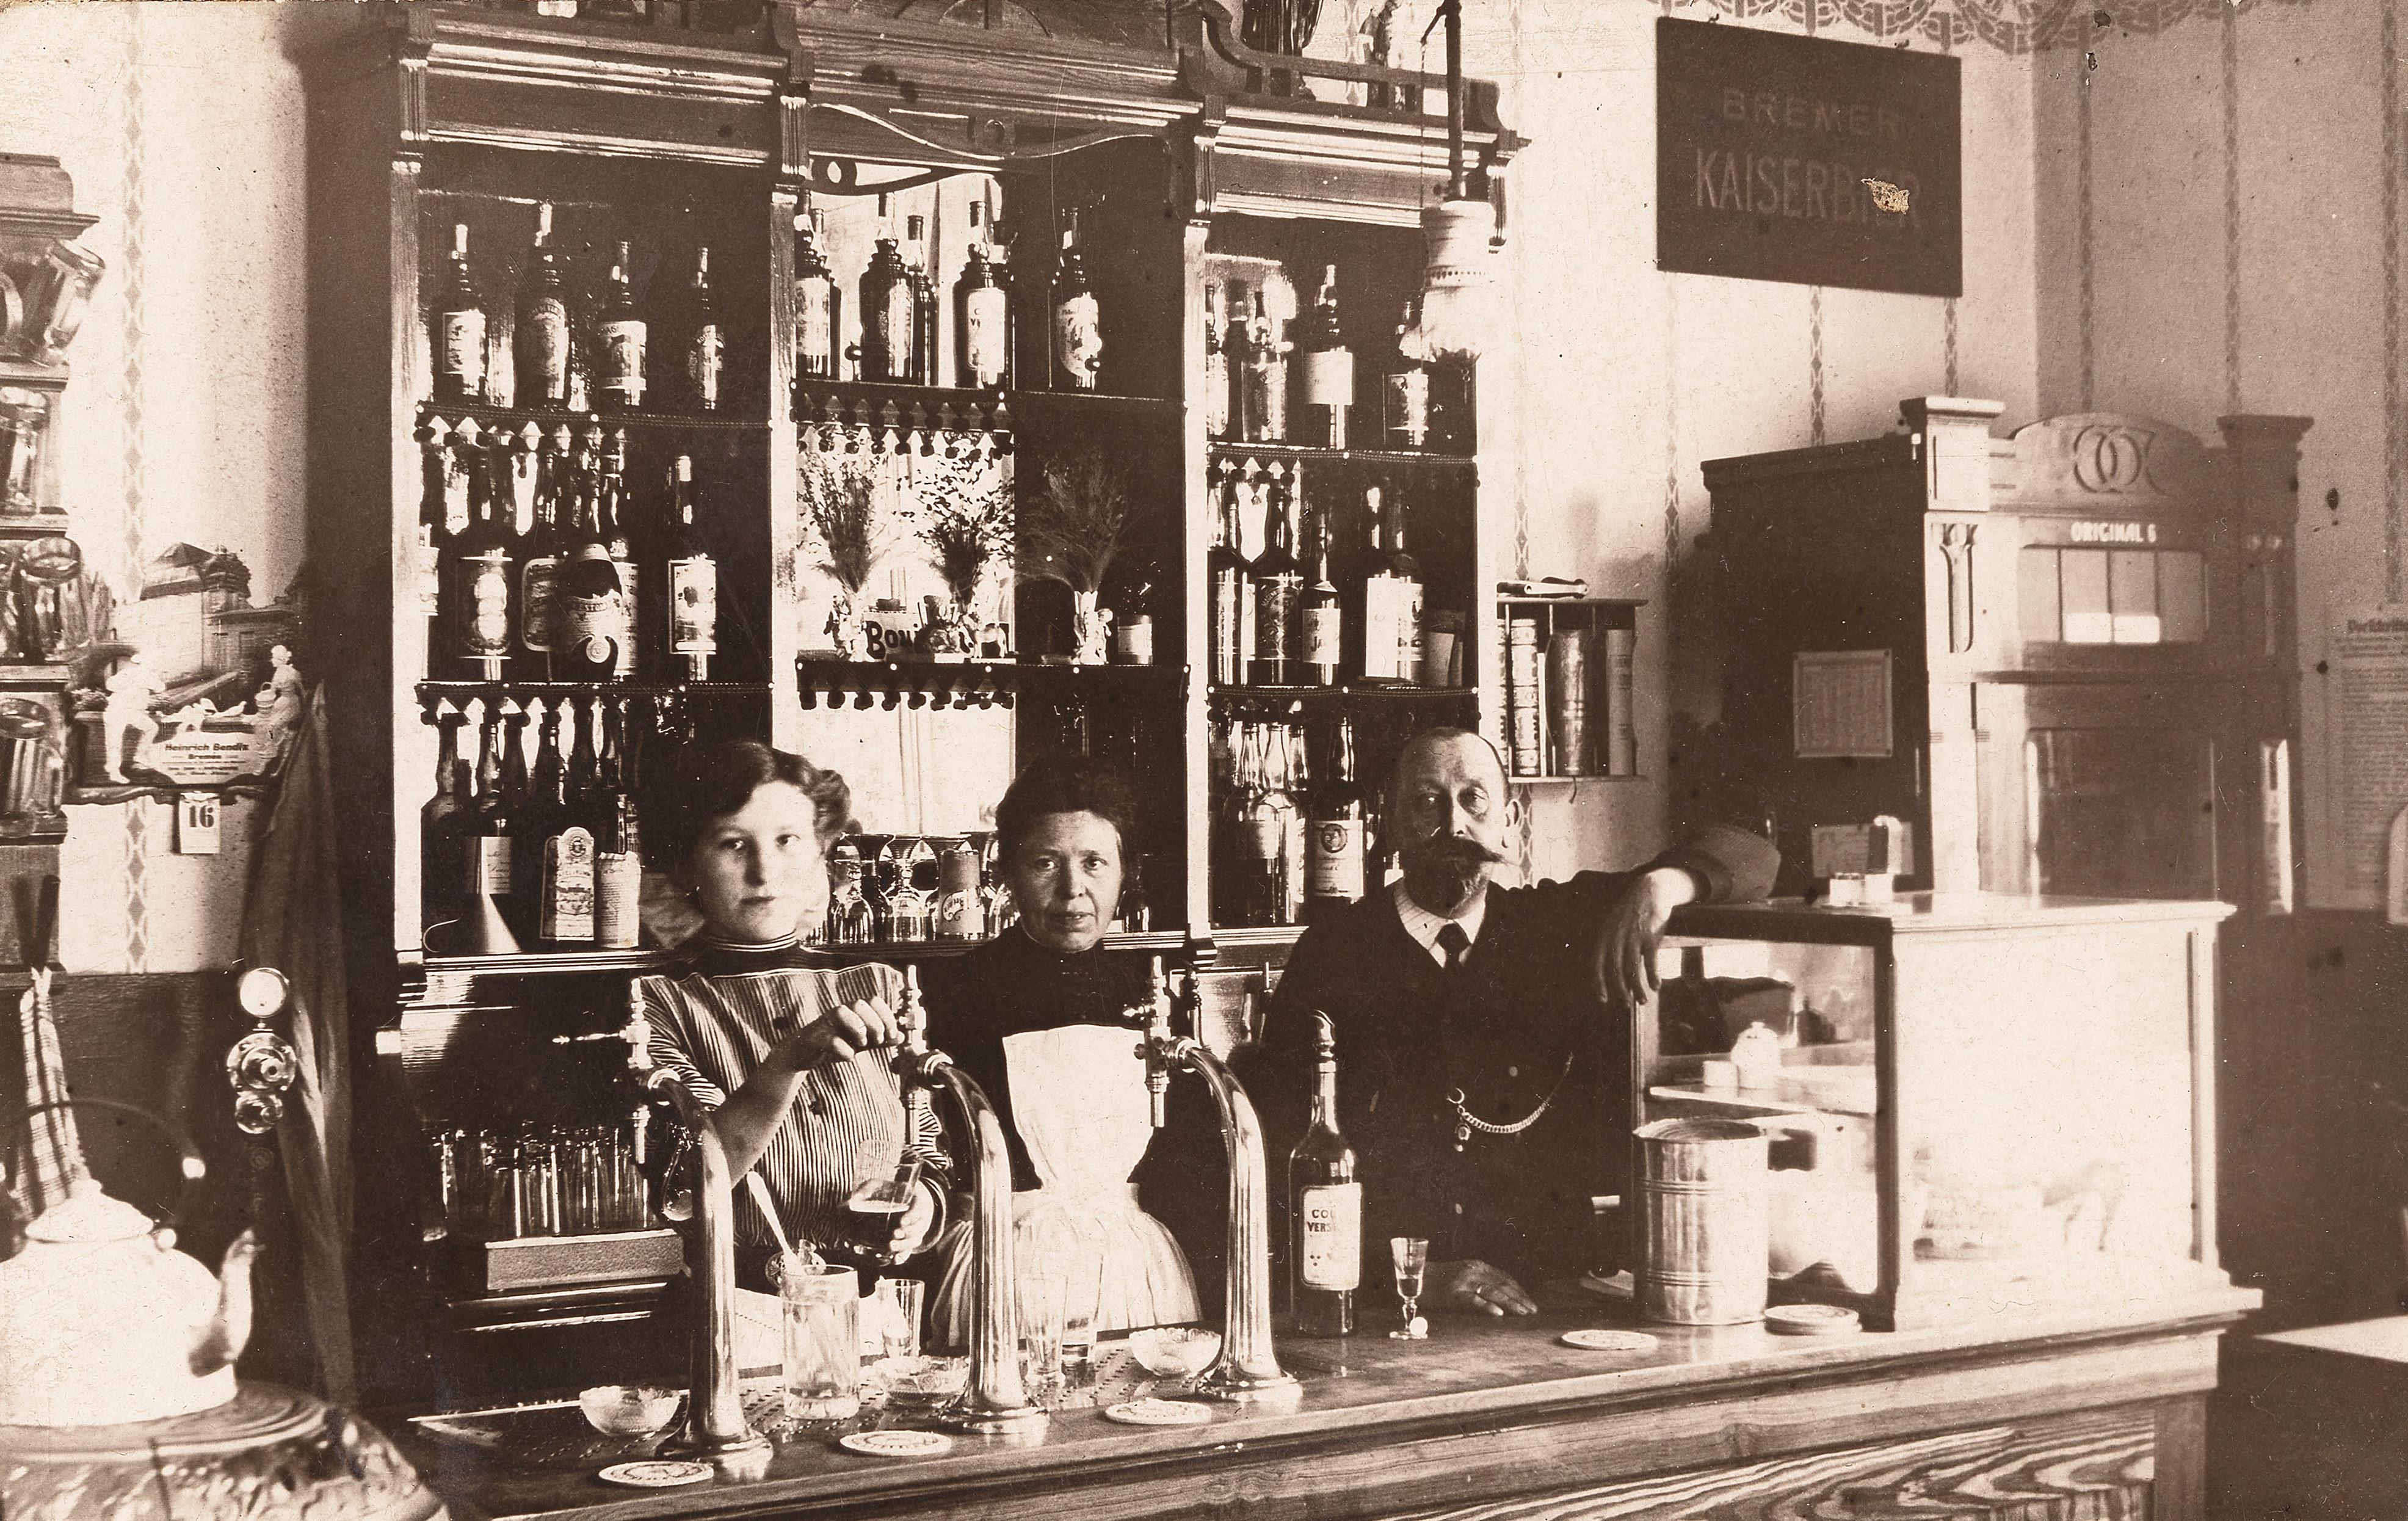 Hoch die Tassen! Am Eröffnungstag, den 16. Oktober 1911, ließen sich die Betreiber ablichten, von rechts: Wilhelm Siemering, den linken Arm auf die Kuchenauslage gelehnt, daneben Ehefrau Sophie in weißer Schürze und die Adoptivtochter Tochter Marie, ein Bier zapfend. Im Hintergrund das Jugendstil-Tresenregal. Quelle: www.gastfeld.de